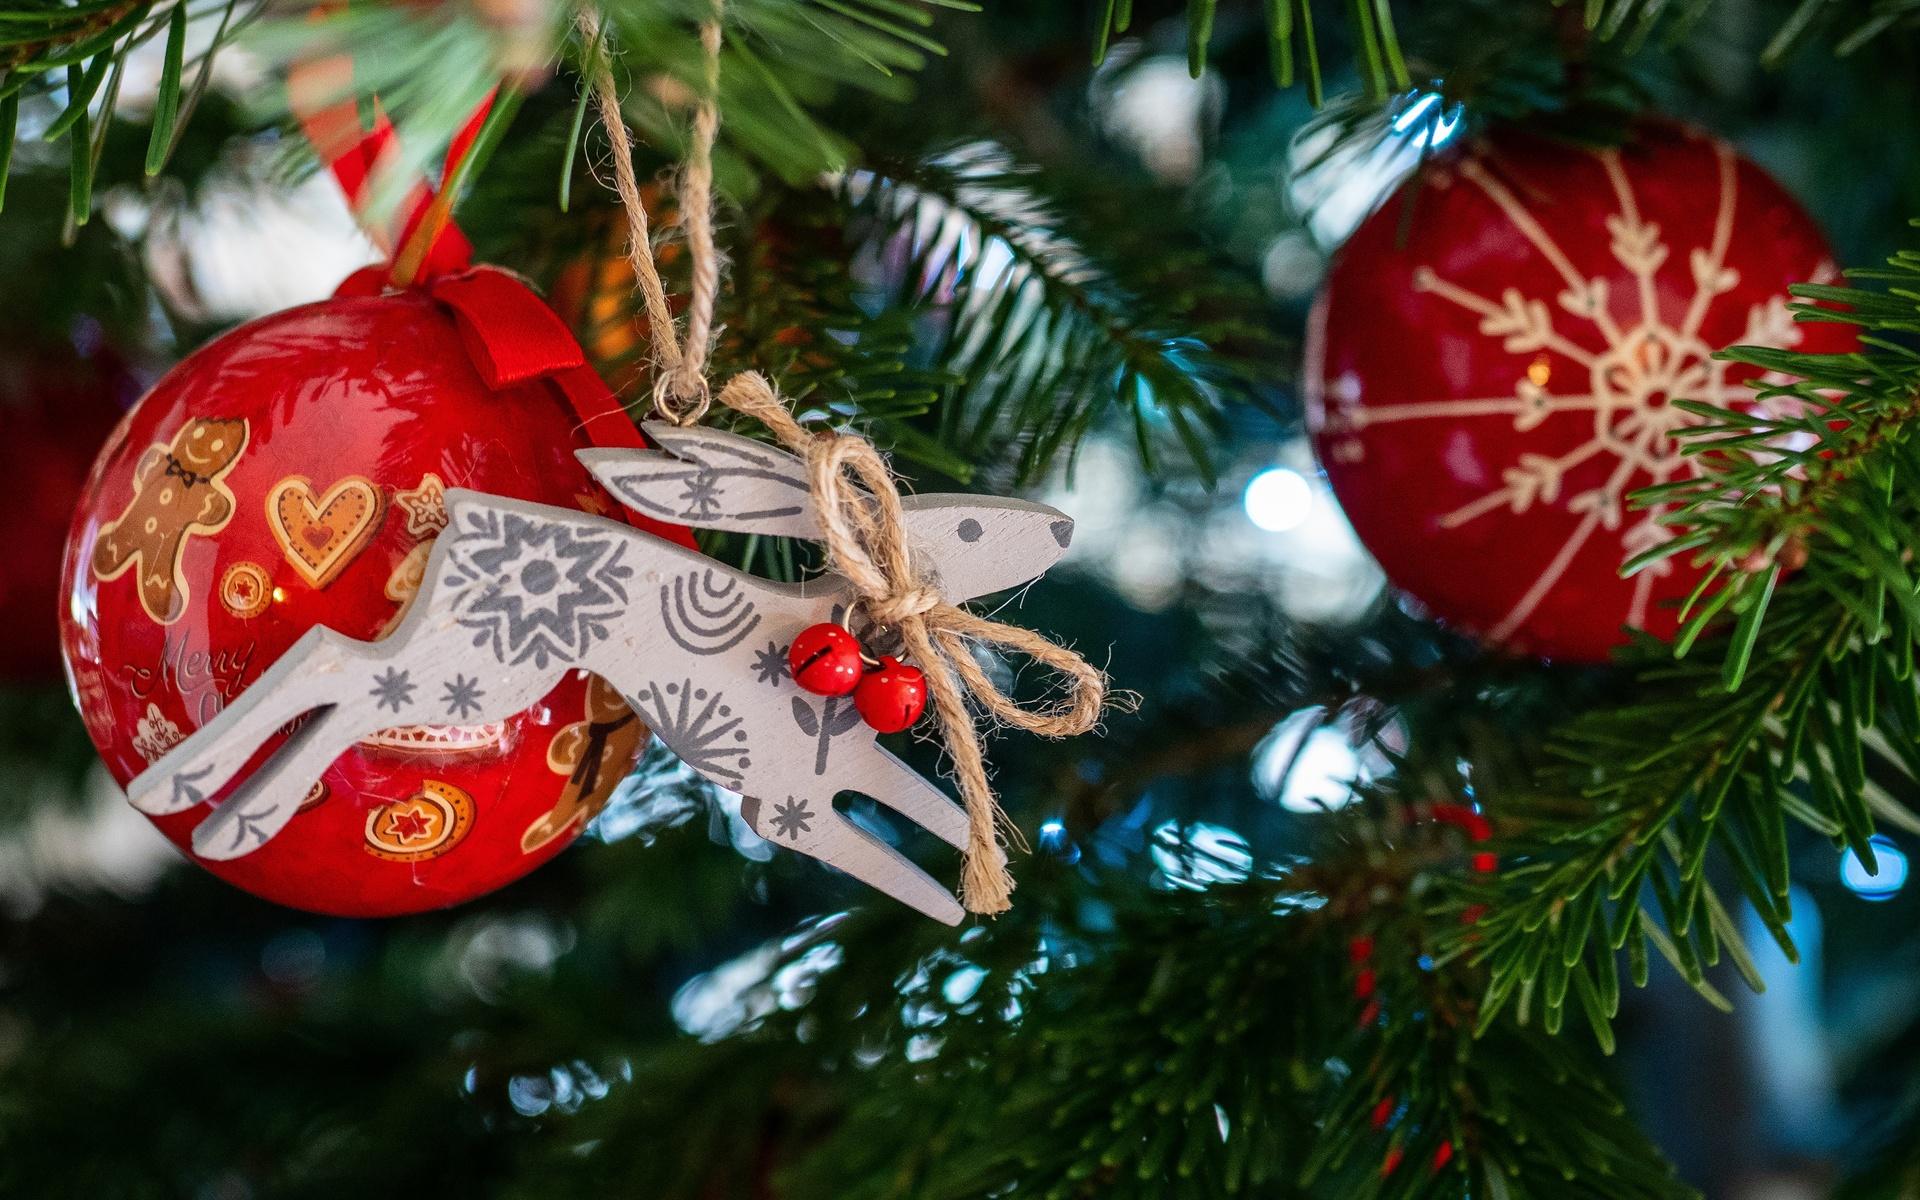 праздник, новый год, рождество, ёлка, ветки, ель, хвоя, игрушки